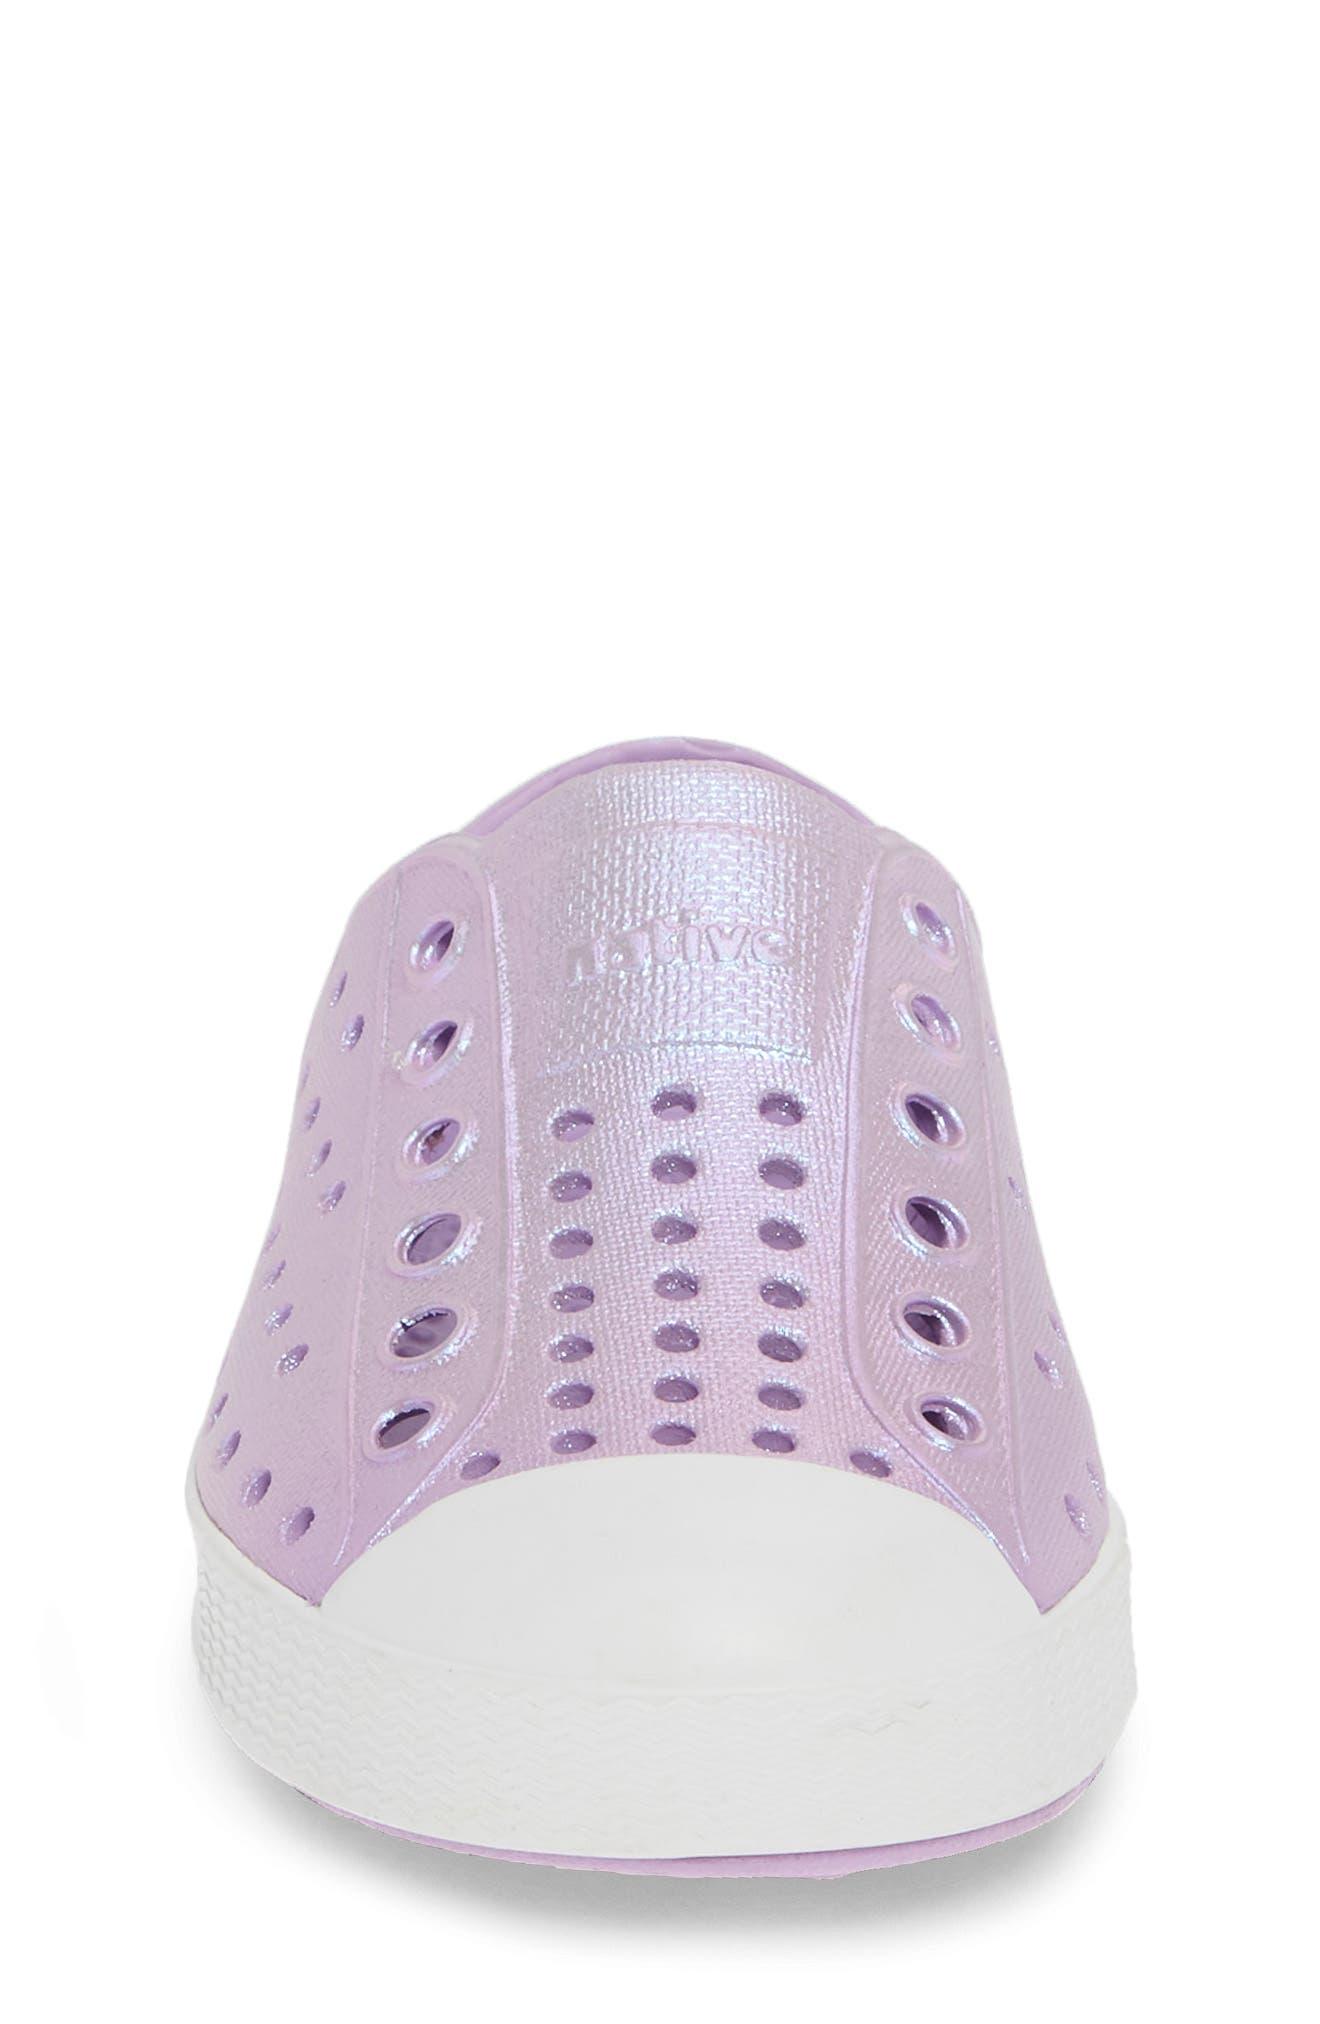 Jefferson Iridescent Slip-On Vegan Sneaker,                             Alternate thumbnail 4, color,                             LAVENDER/ SHELL WHITE/ GALAXY